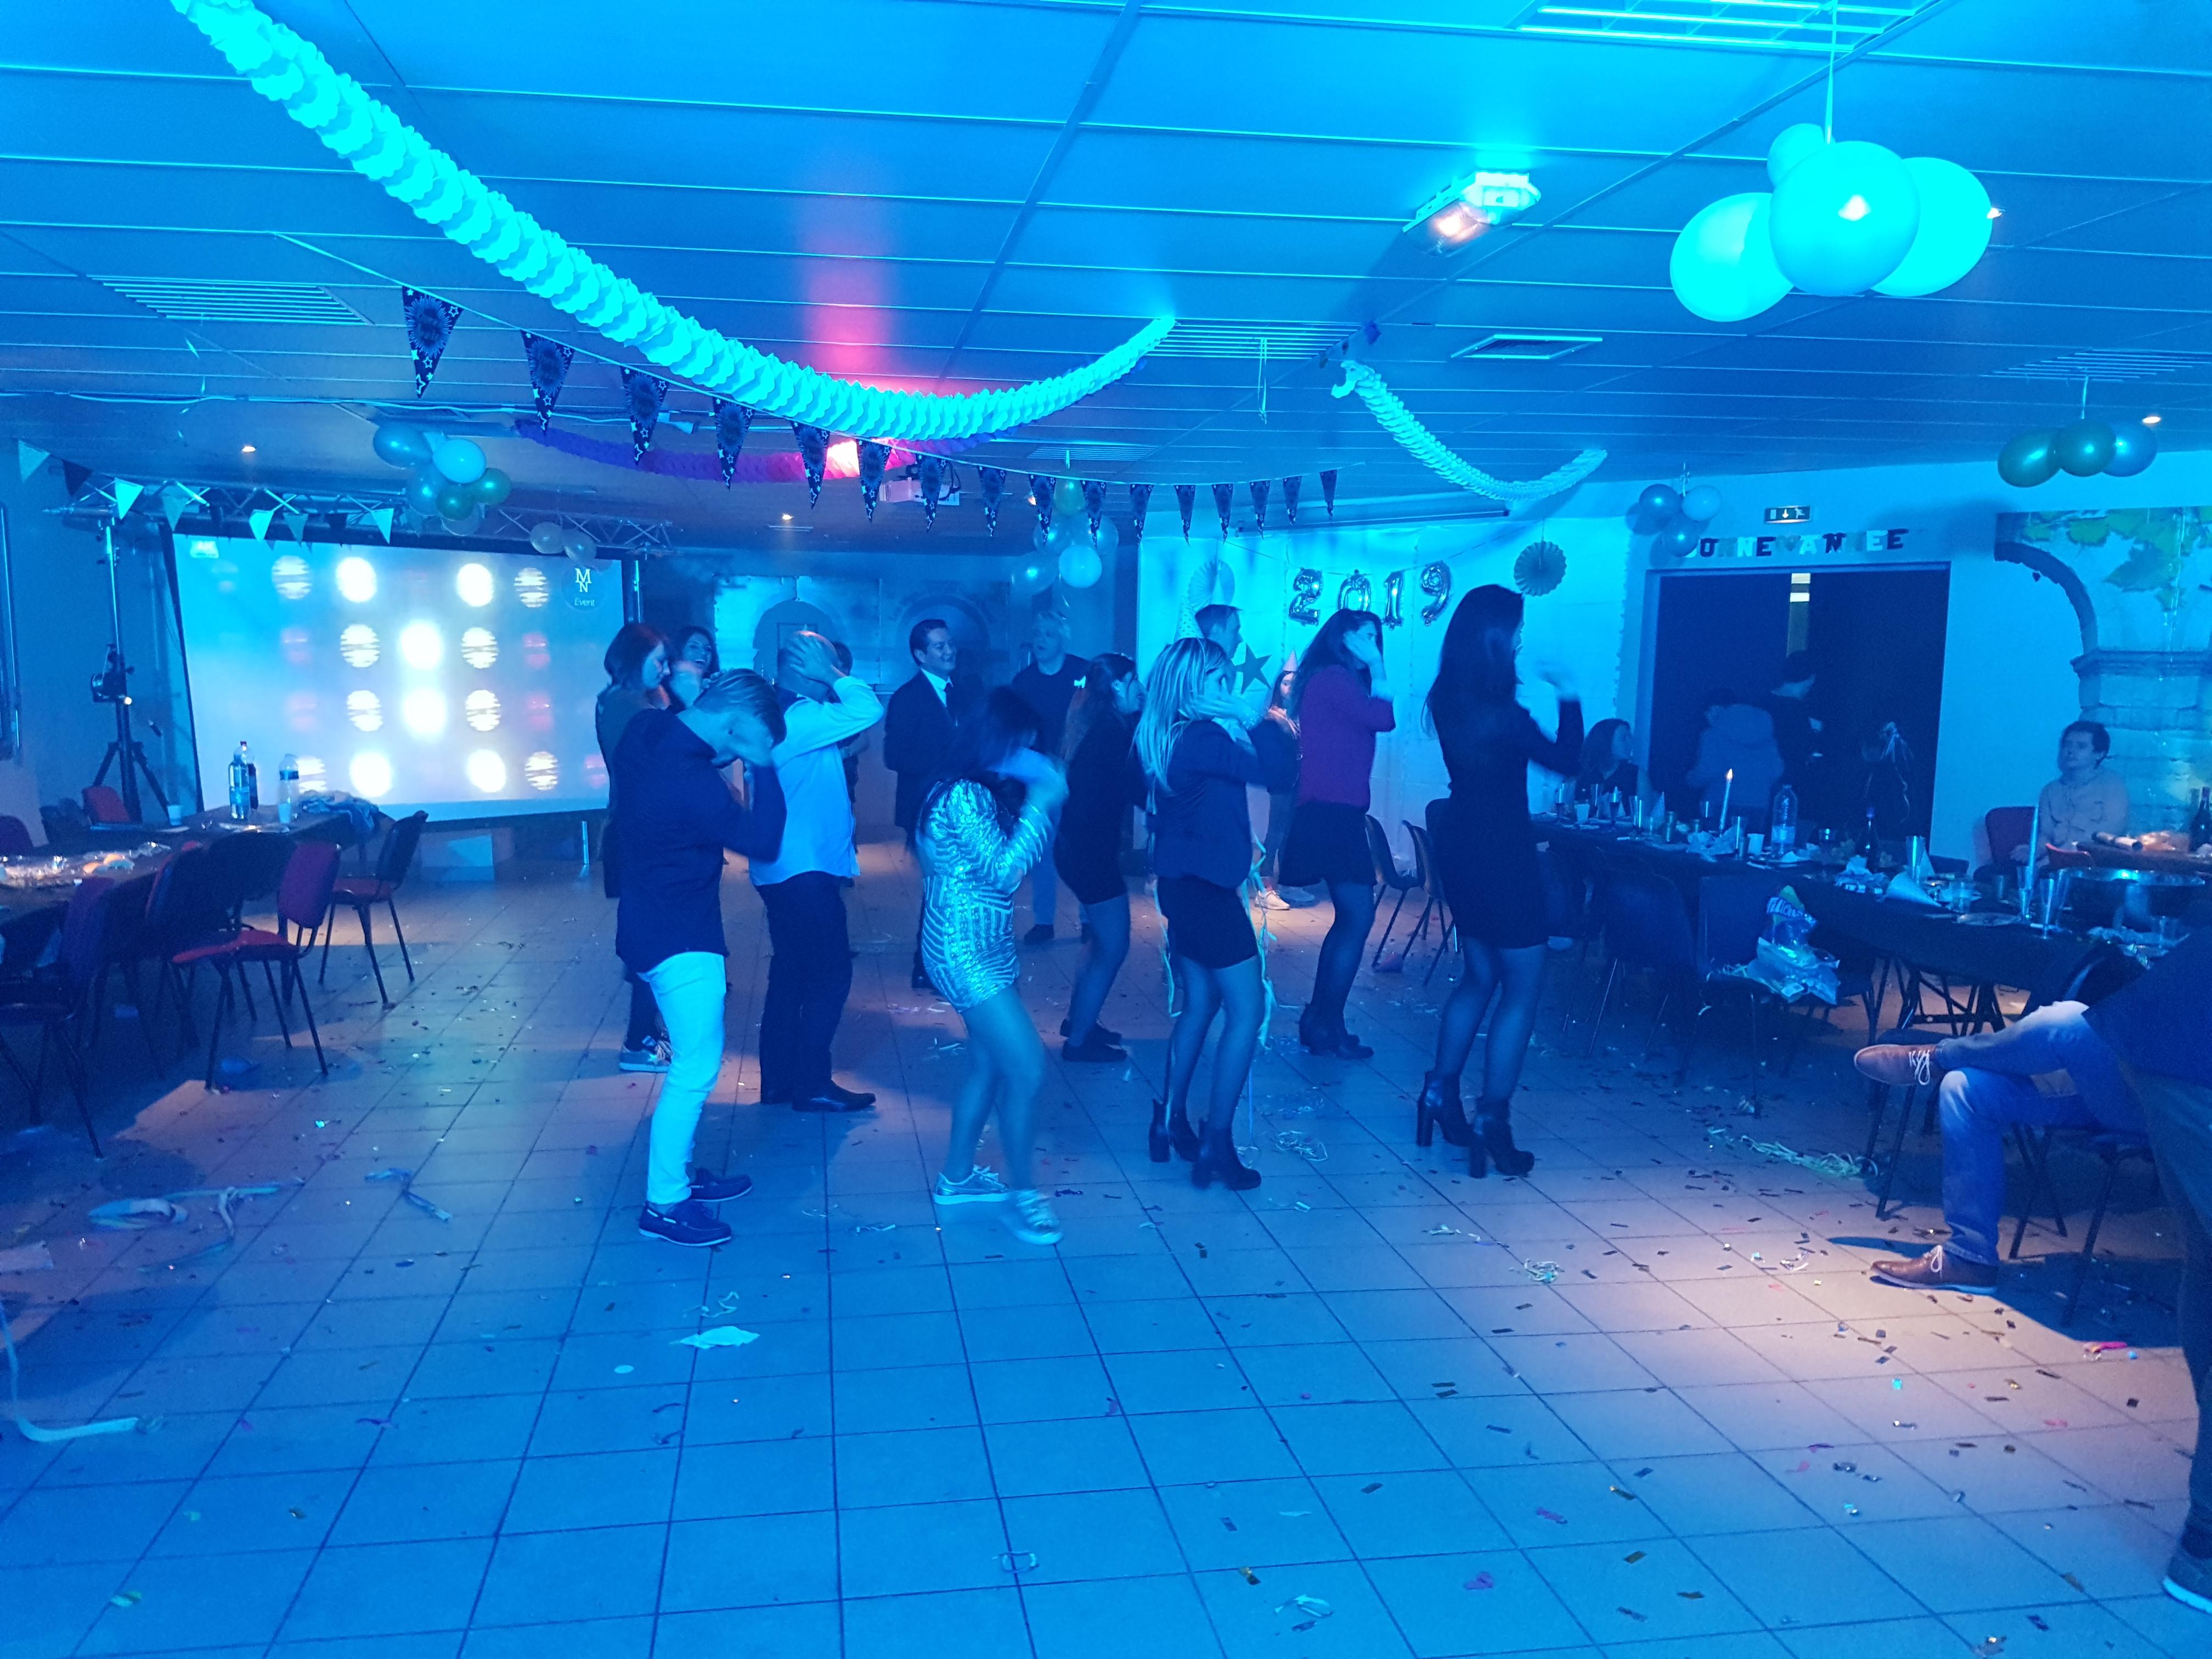 Piste de danse avec écran lumineux